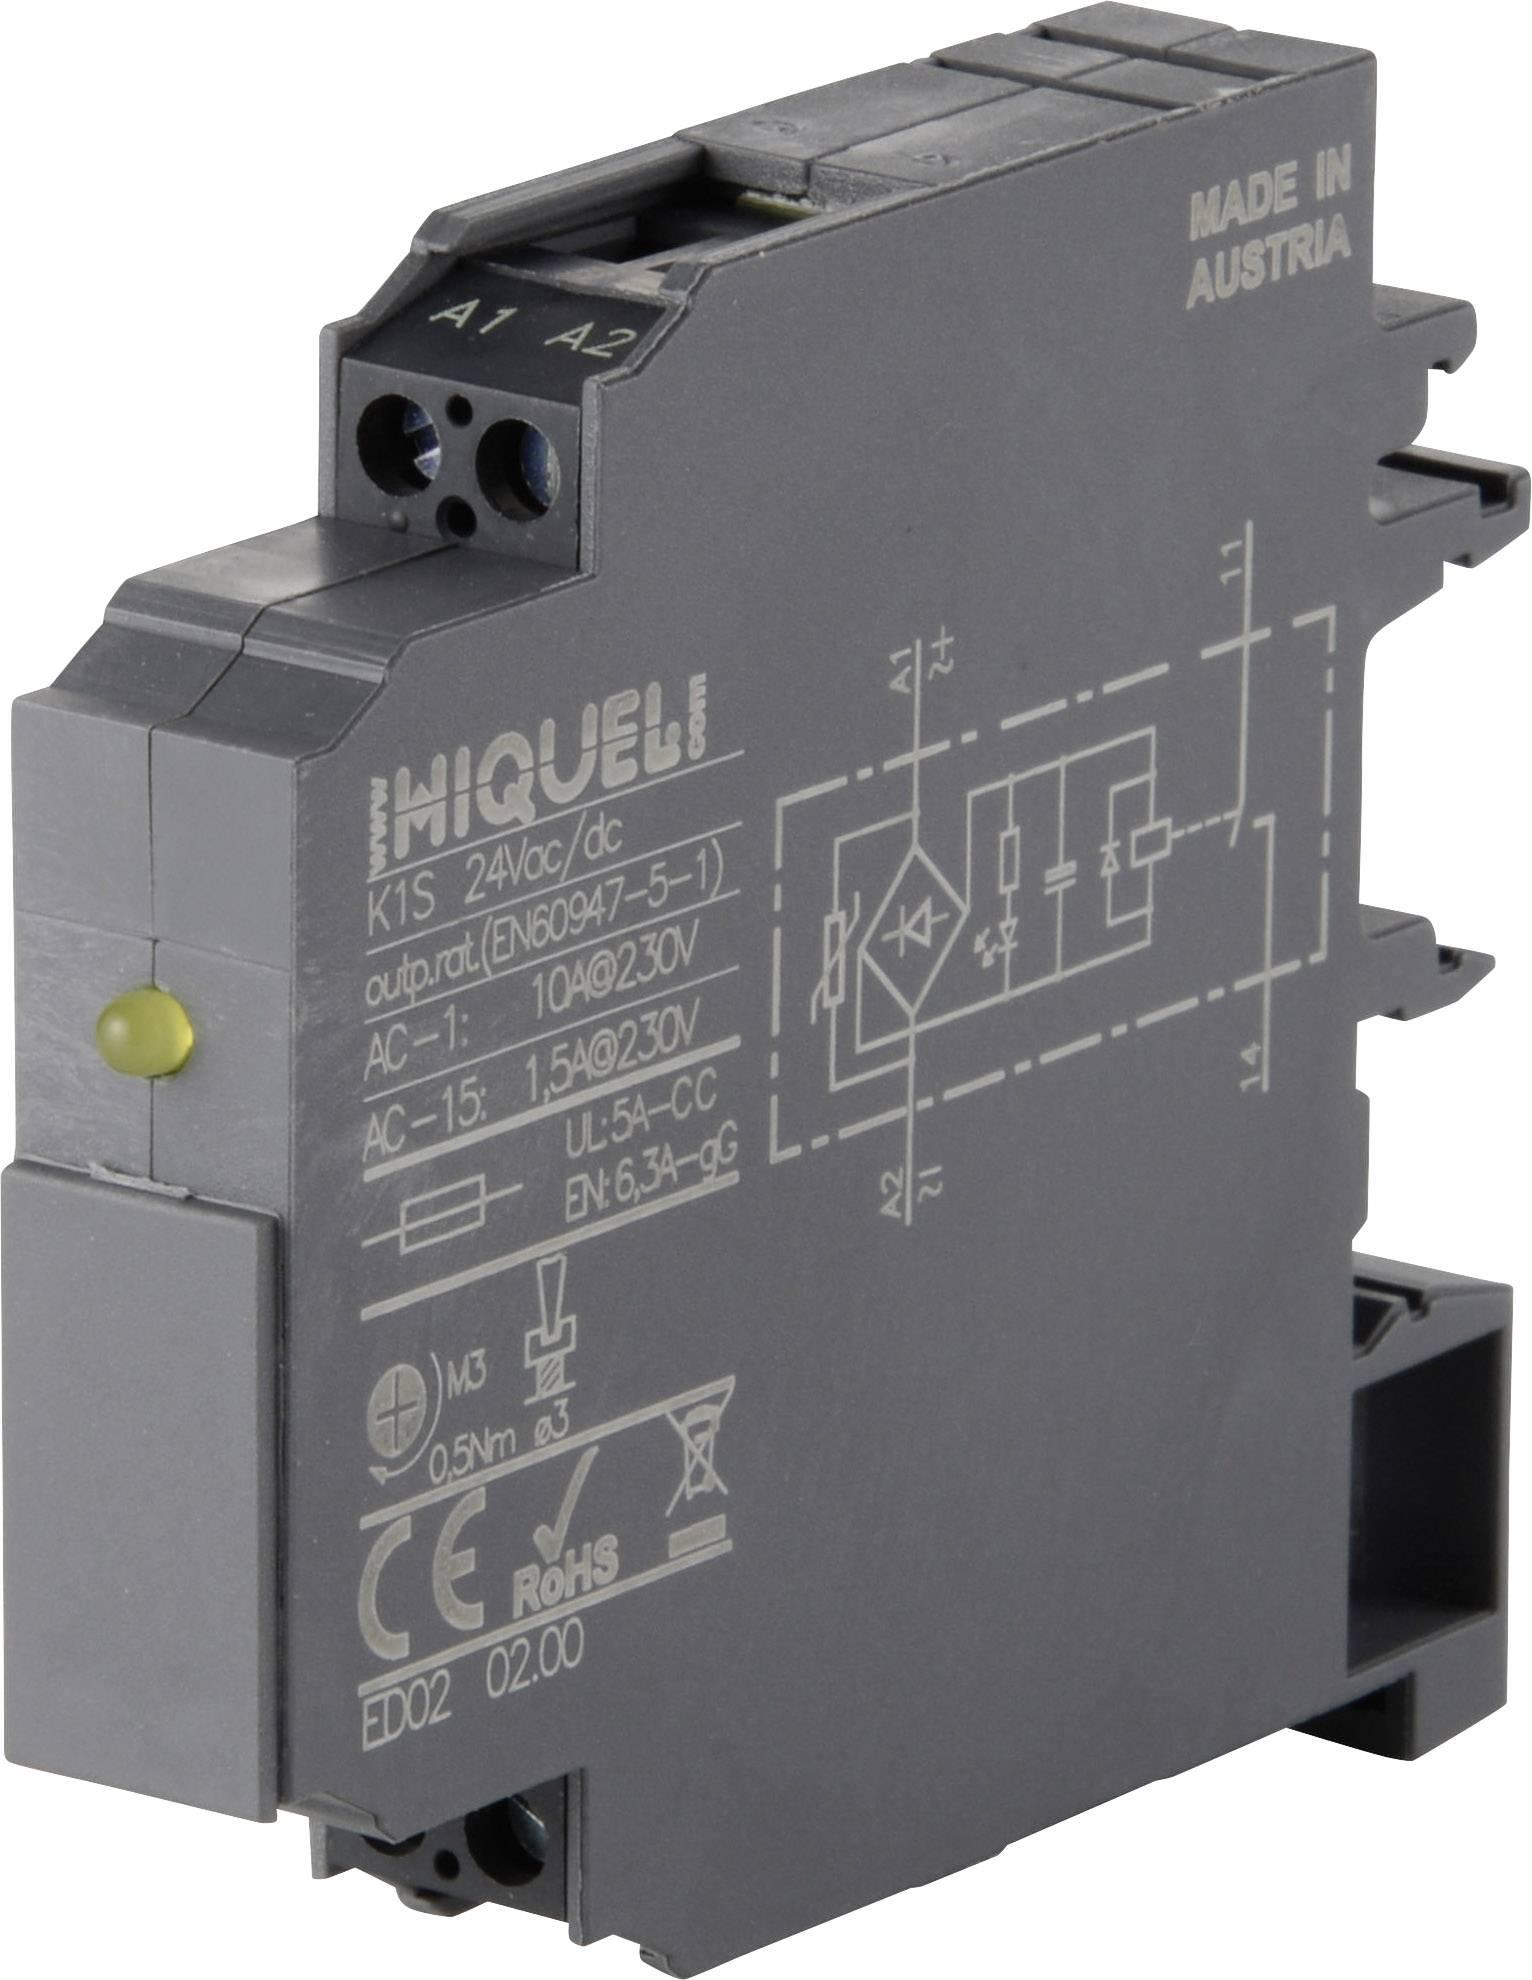 Vazební relé Hiquel, K2W 24 V/AC/DC, 2 A, 12 mm